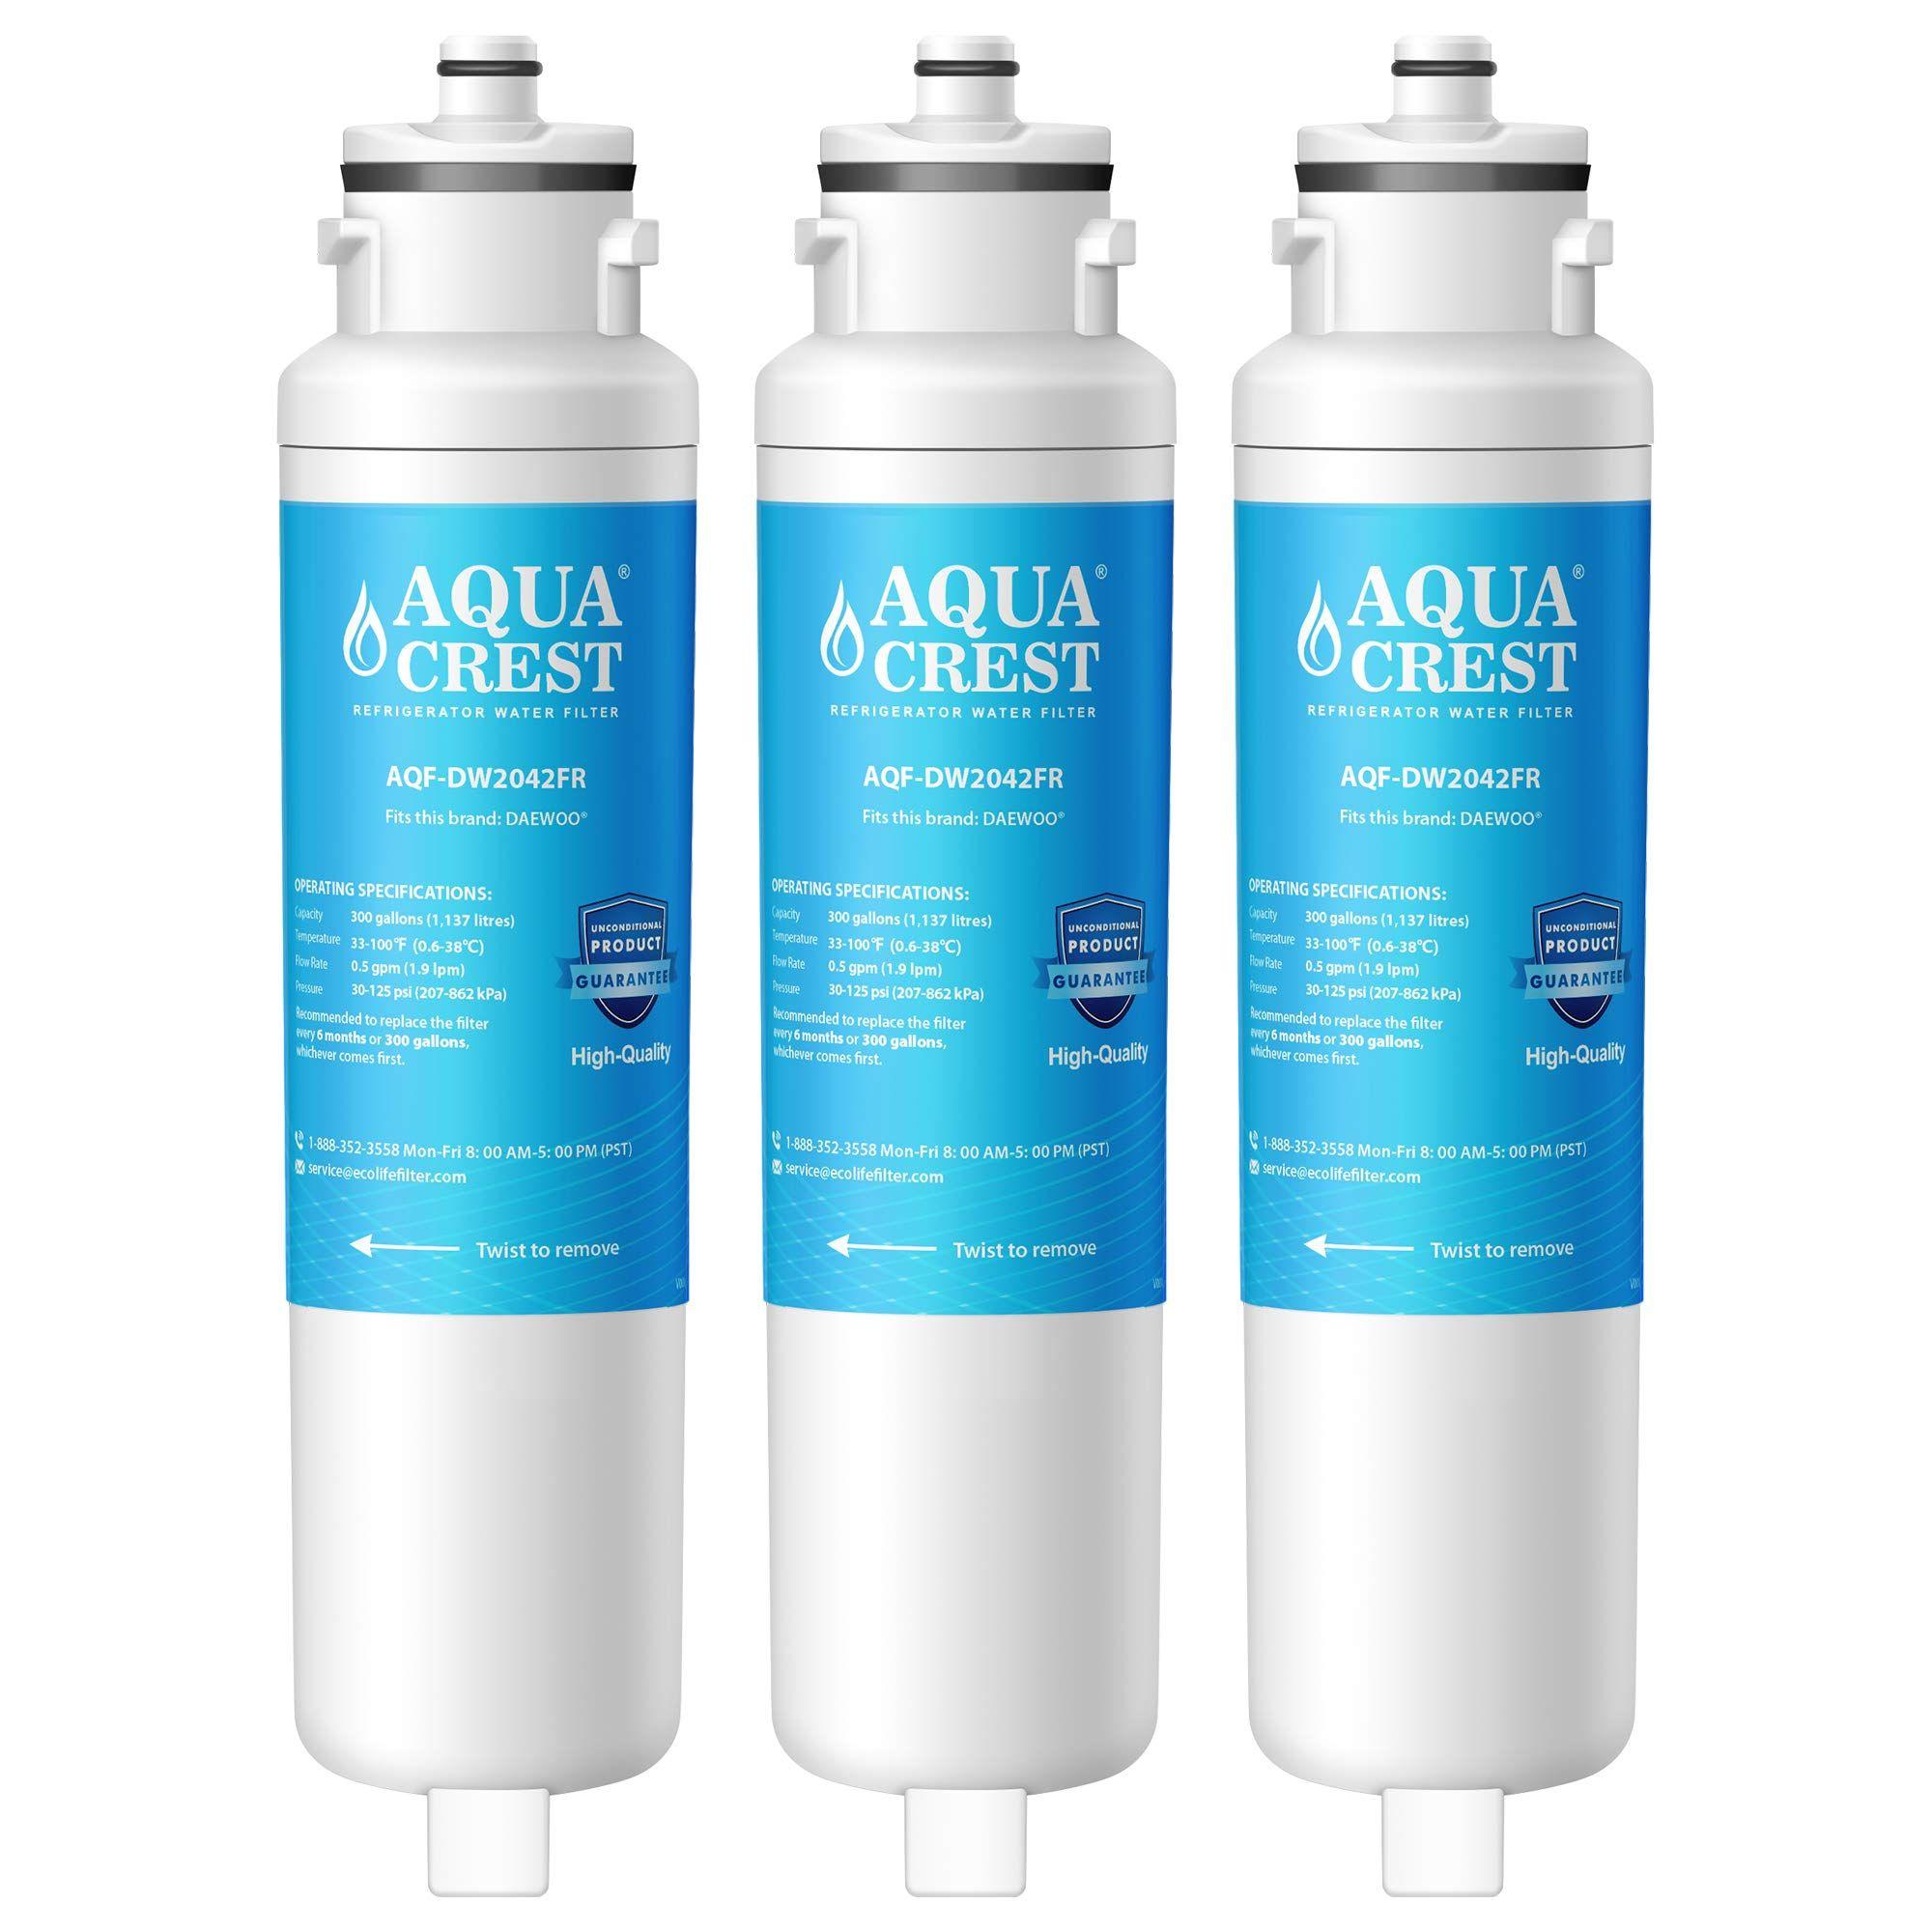 Aquacrest Dw2042fr 09 Refrigerat Refrigerator Water Filter Refrigerator Models Filters